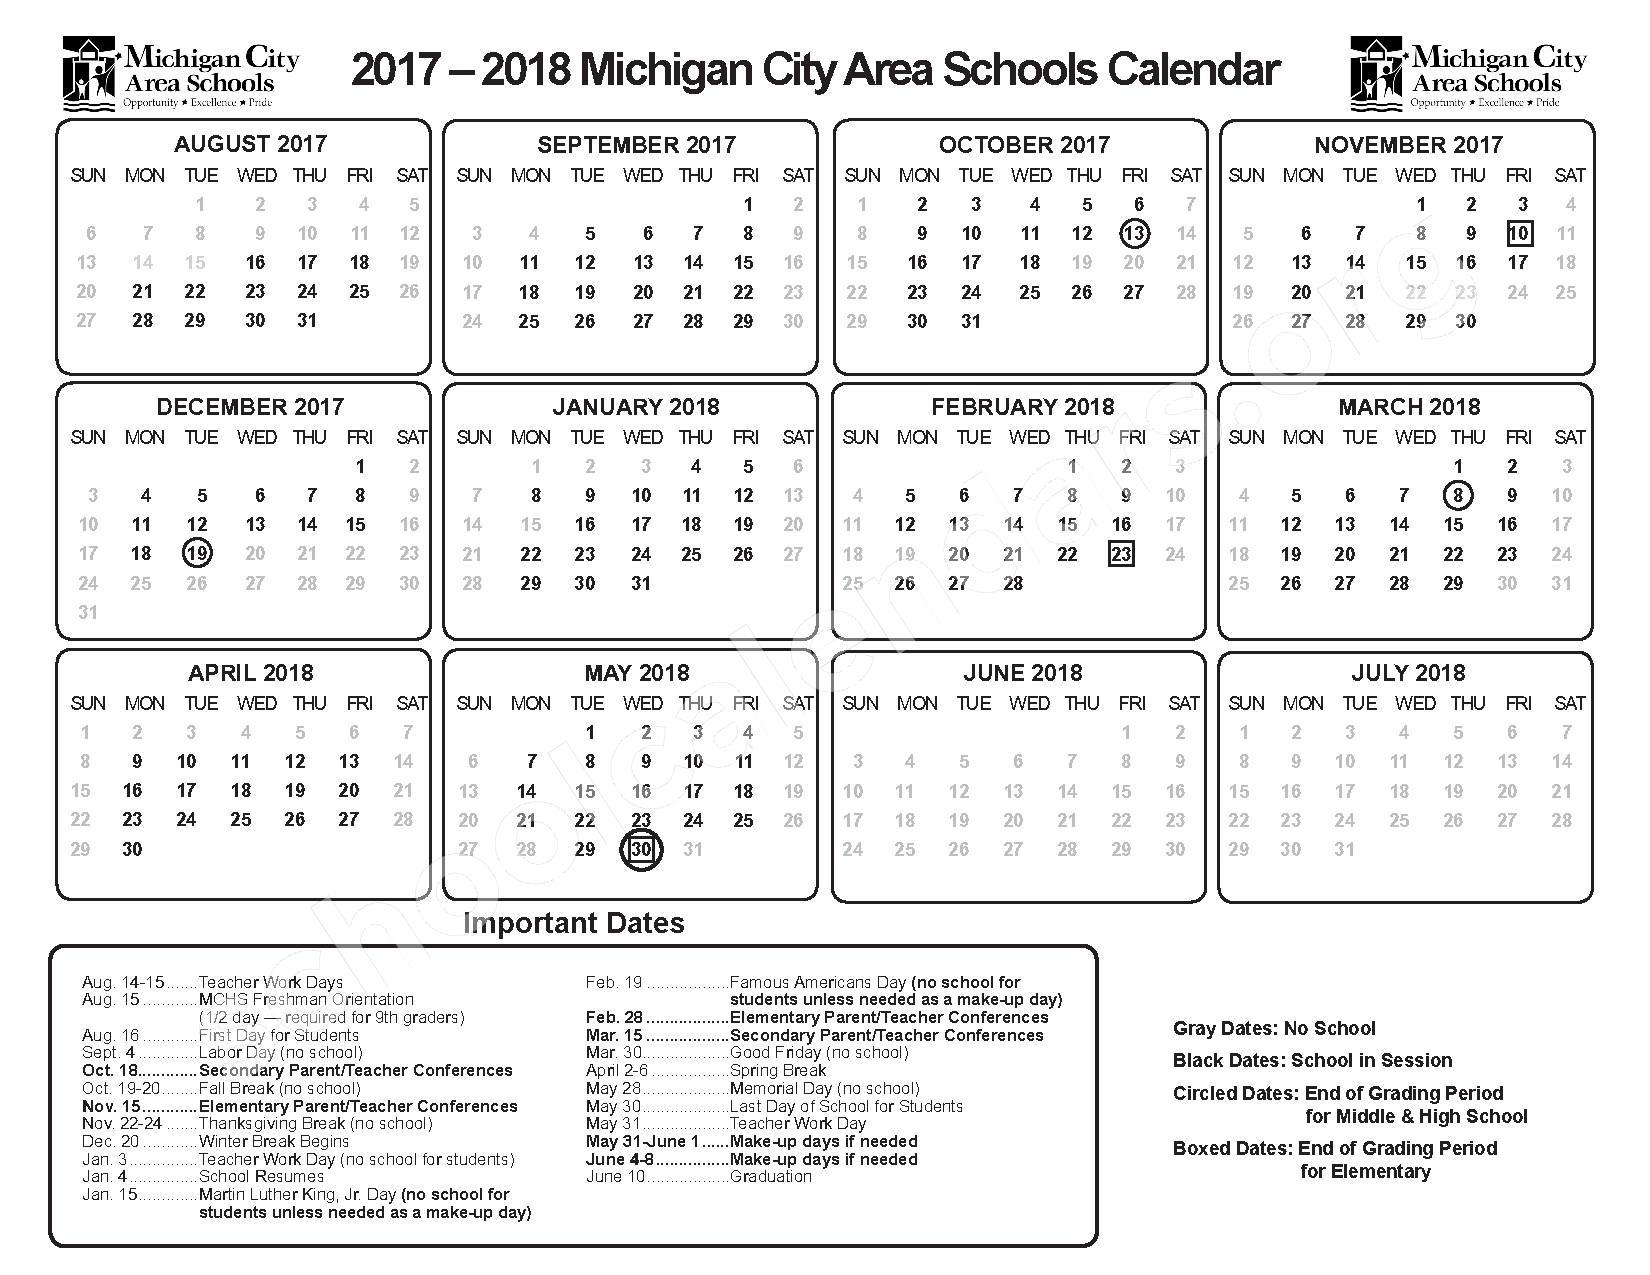 2017 - 2018 School Calendar – Michigan City Area Schools – page 1